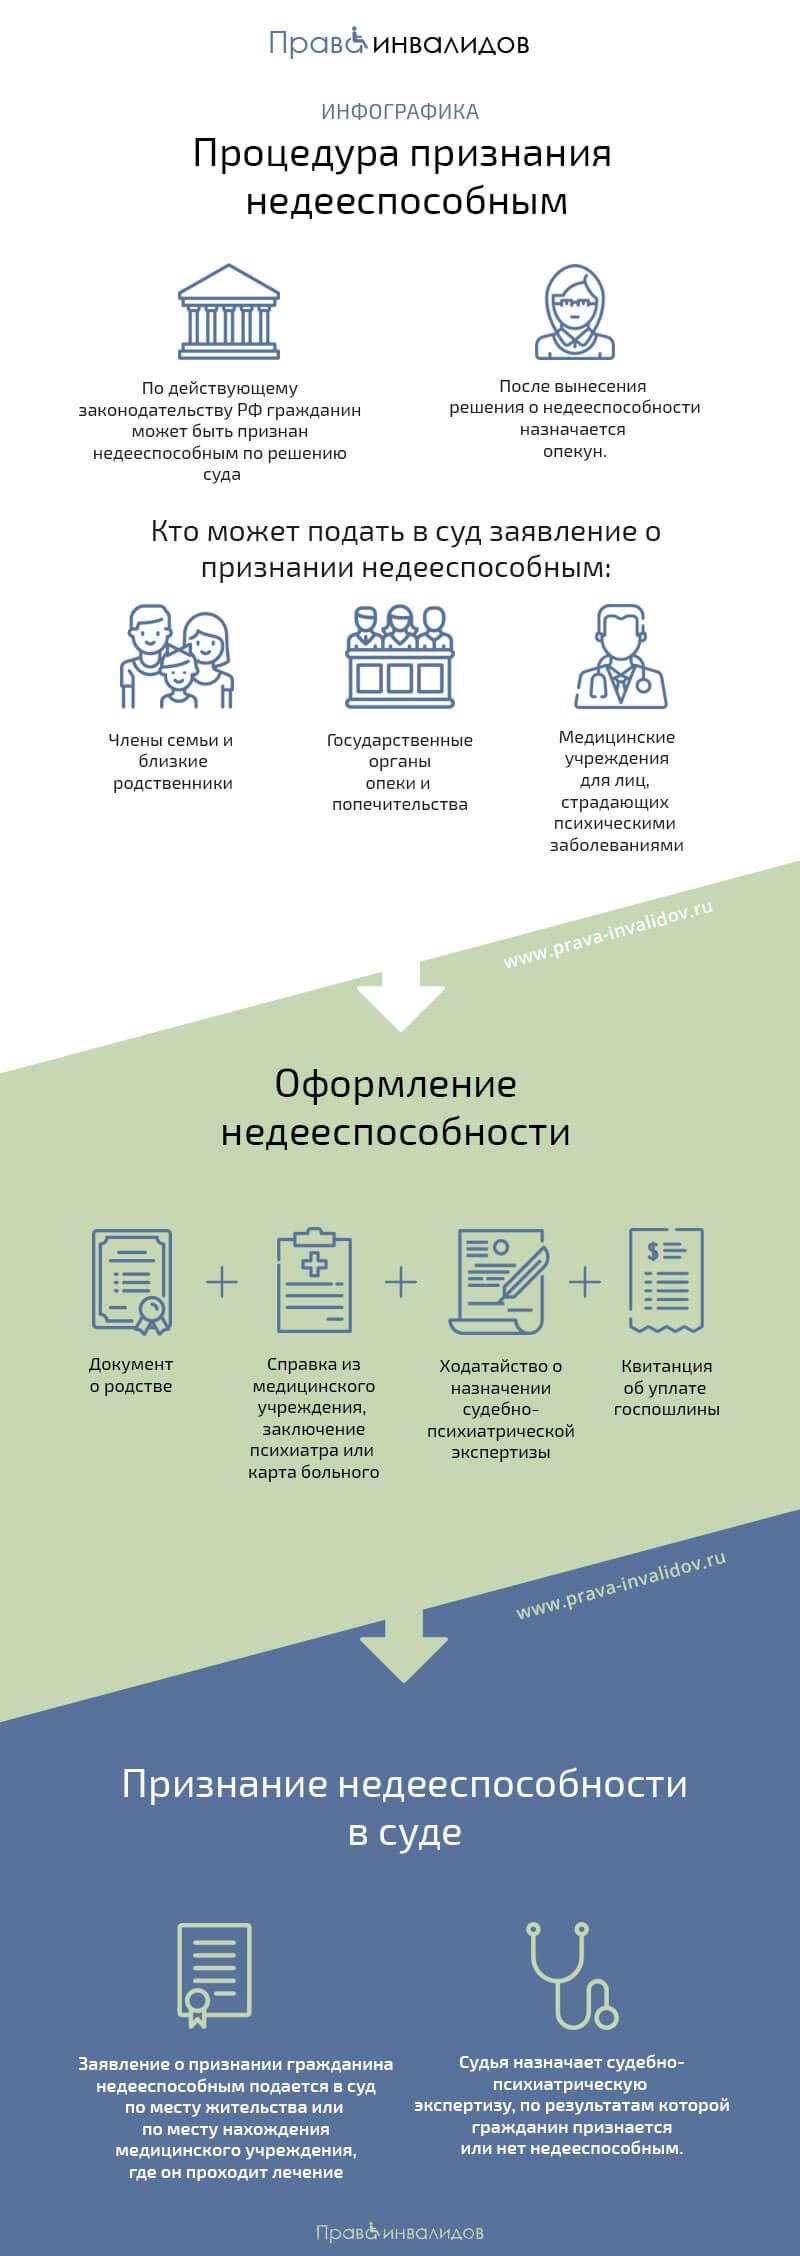 Признание недееспособным - инфографика